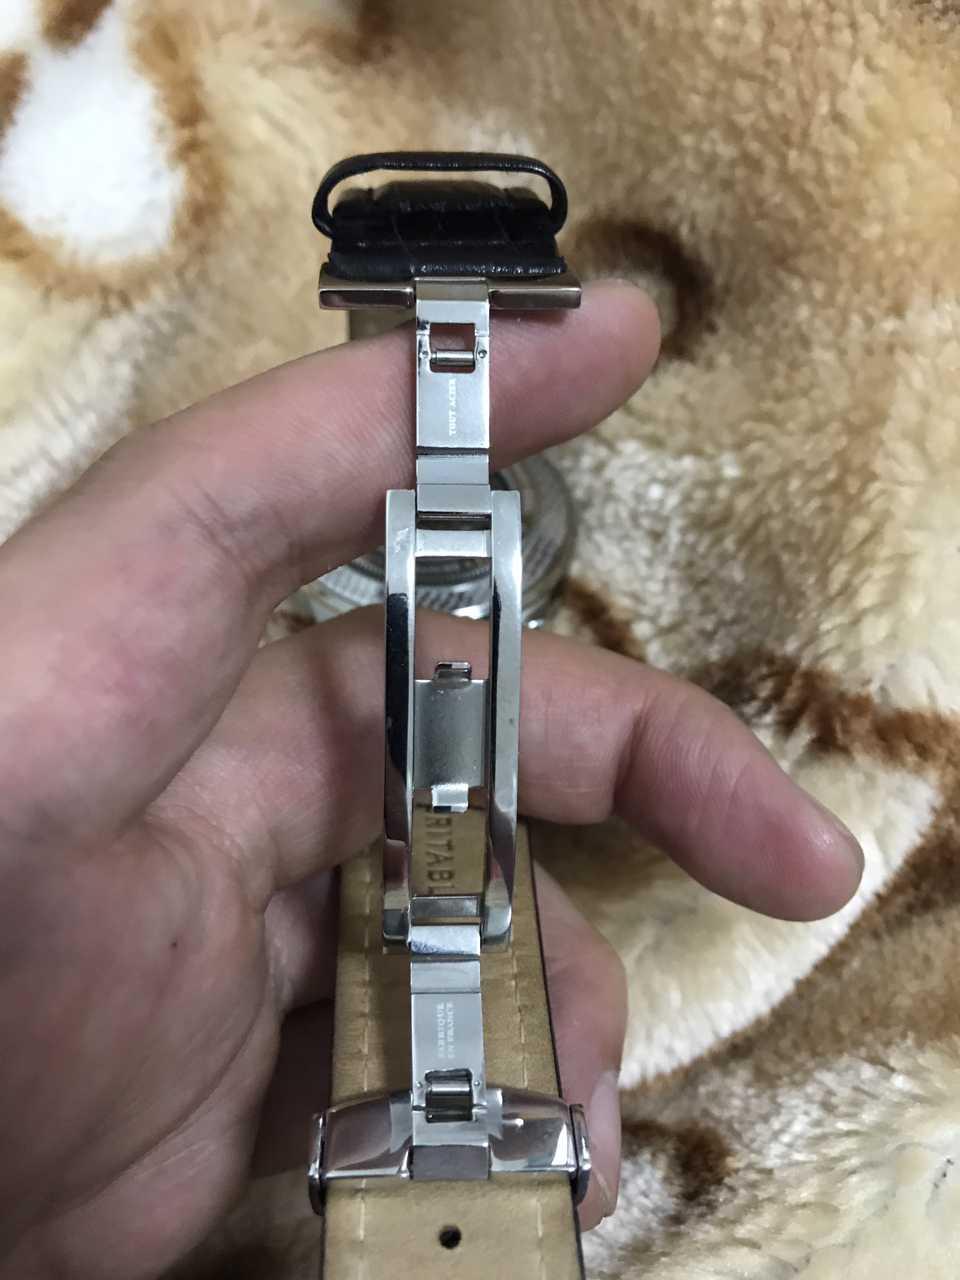 雍加毕索YBH 8366-01手表【表友晒单作业】做工很好,...